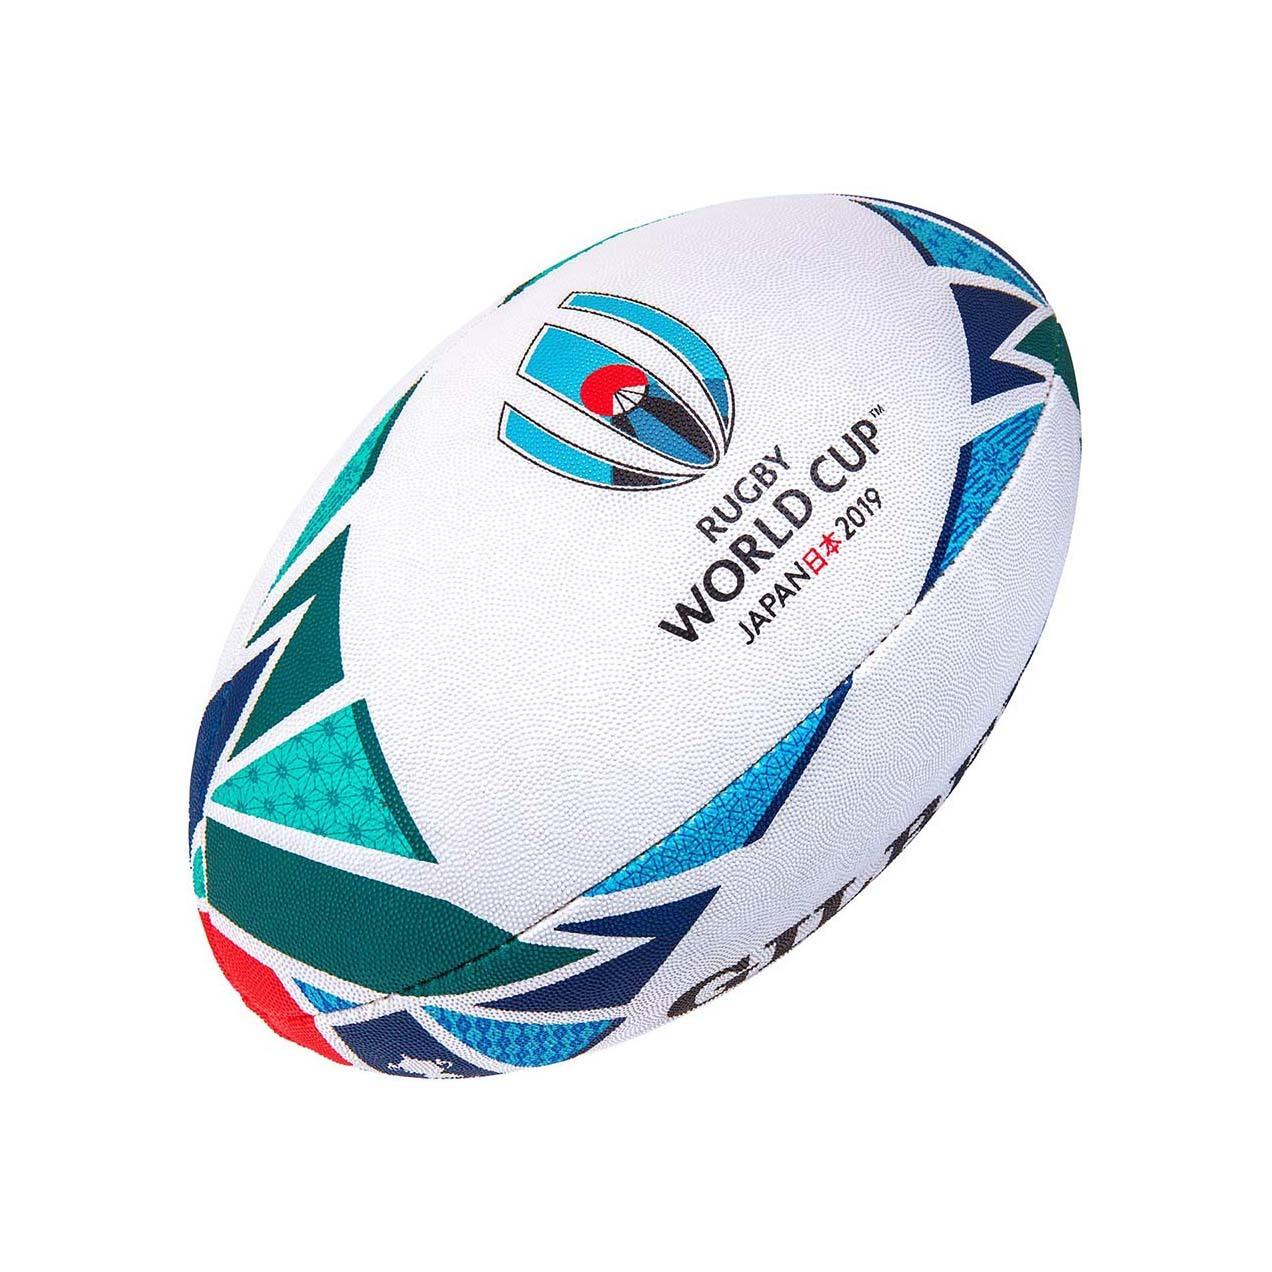 Ballon offciel de la coupe du monde de rugby 2019